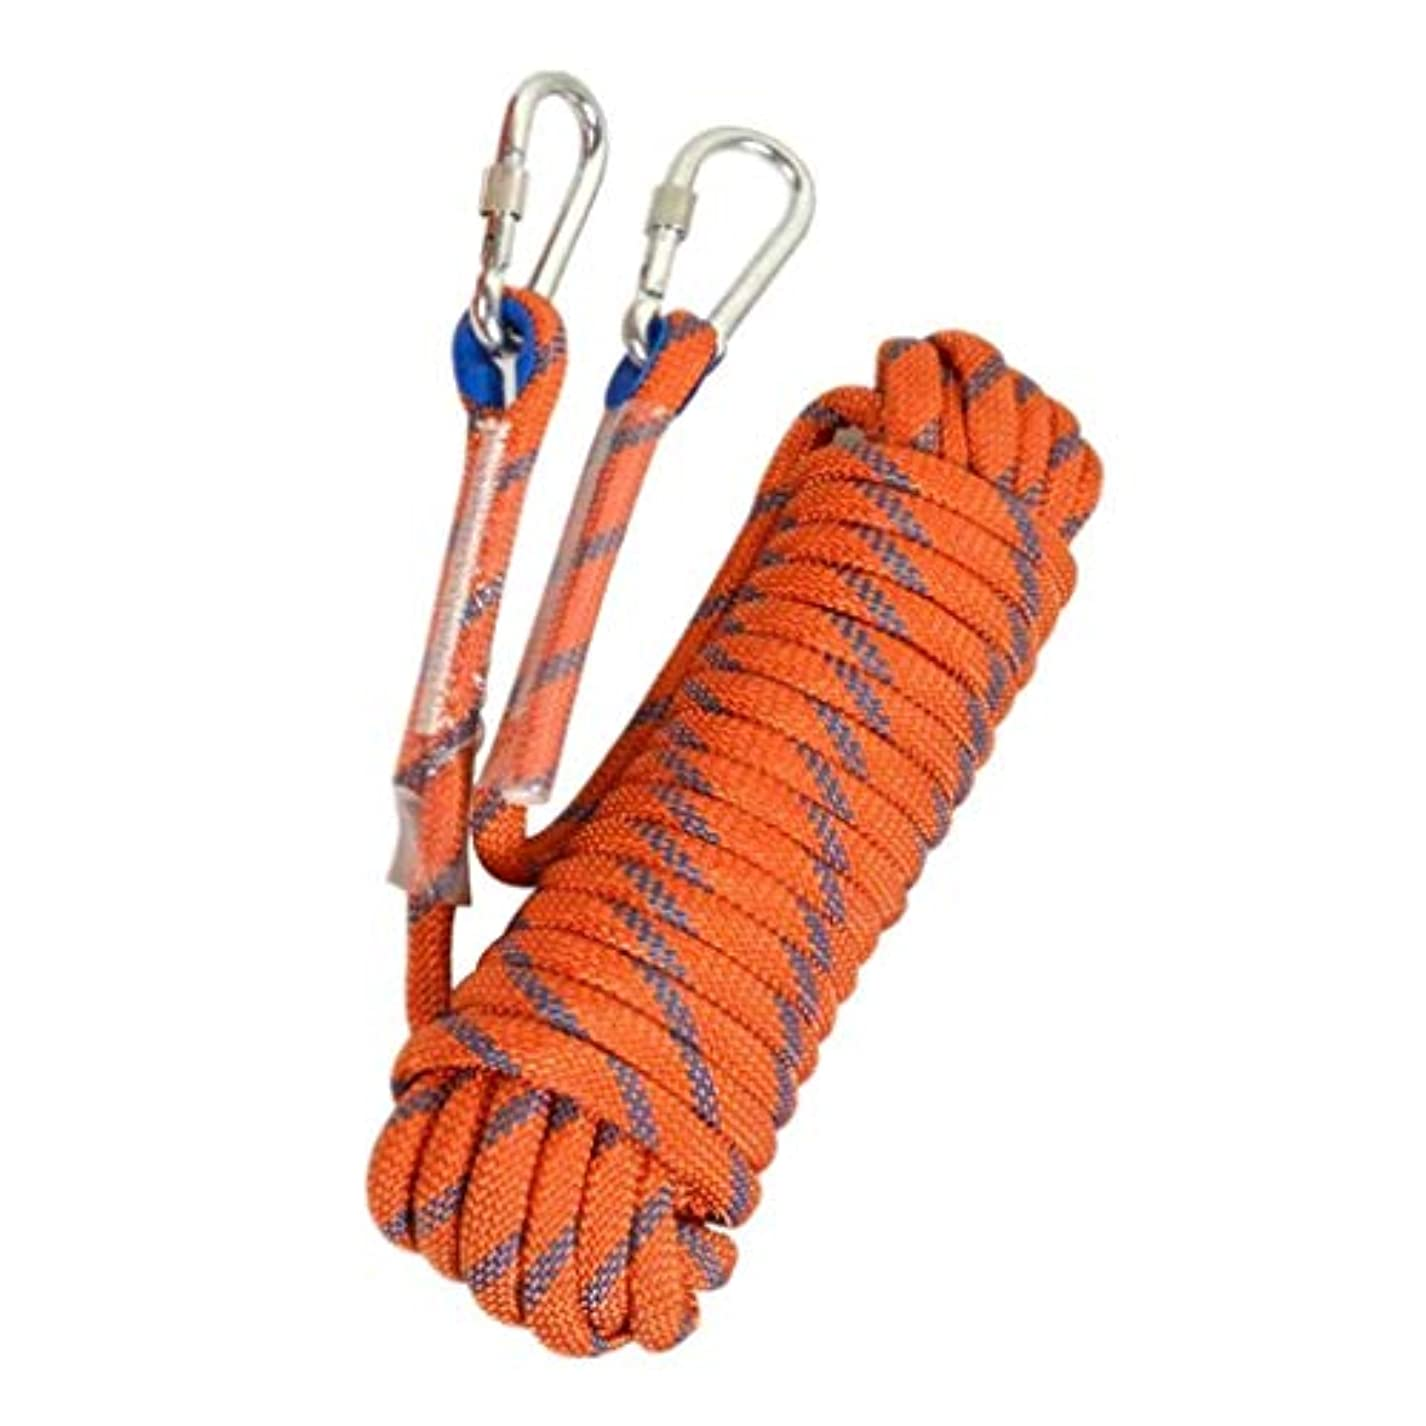 ヘルパー実験室採用するロッククライミングロープメーター、屋外火災エスケープ救助パラシュート静的屋内ロープ、ヘビーデューティロープ、安全耐久性のある高品質